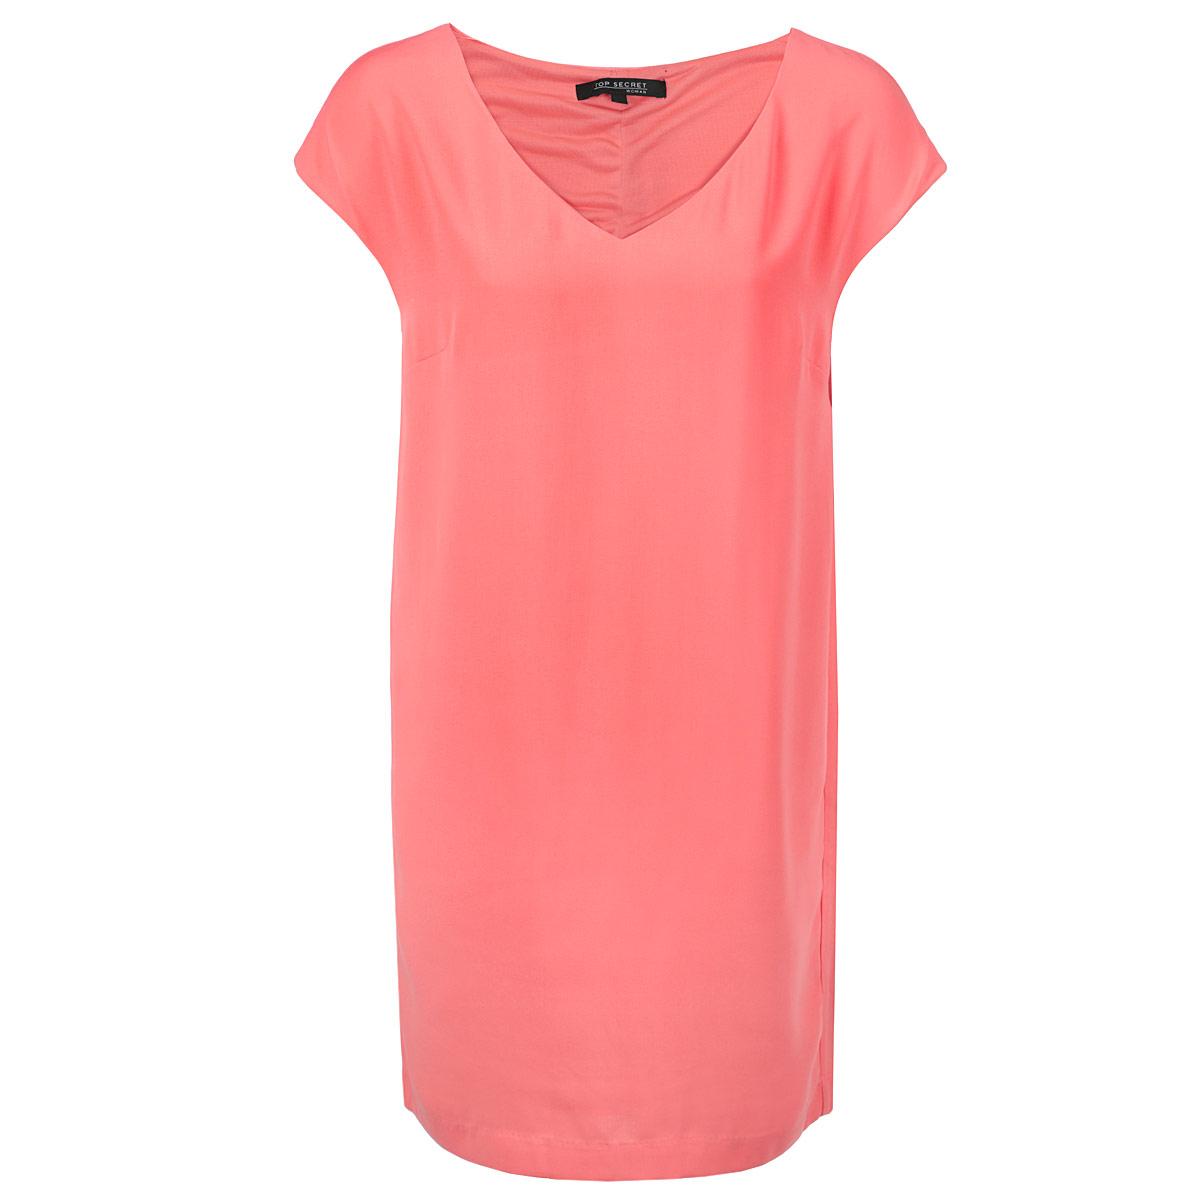 ПлатьеSSU1264ROСтильное платье Top Secret изготовлено из высококачественного полиэстера с подкладкой. Модель свободного кроя с короткими рукавами-кимоно и V-образны вырезом горловины. Лаконичный дизайн и комфортный крой придутся по вкусу современной девушке, предпочитающей удобство и практичность. Такая модель послужит отличным дополнением к вашему гардеробу.